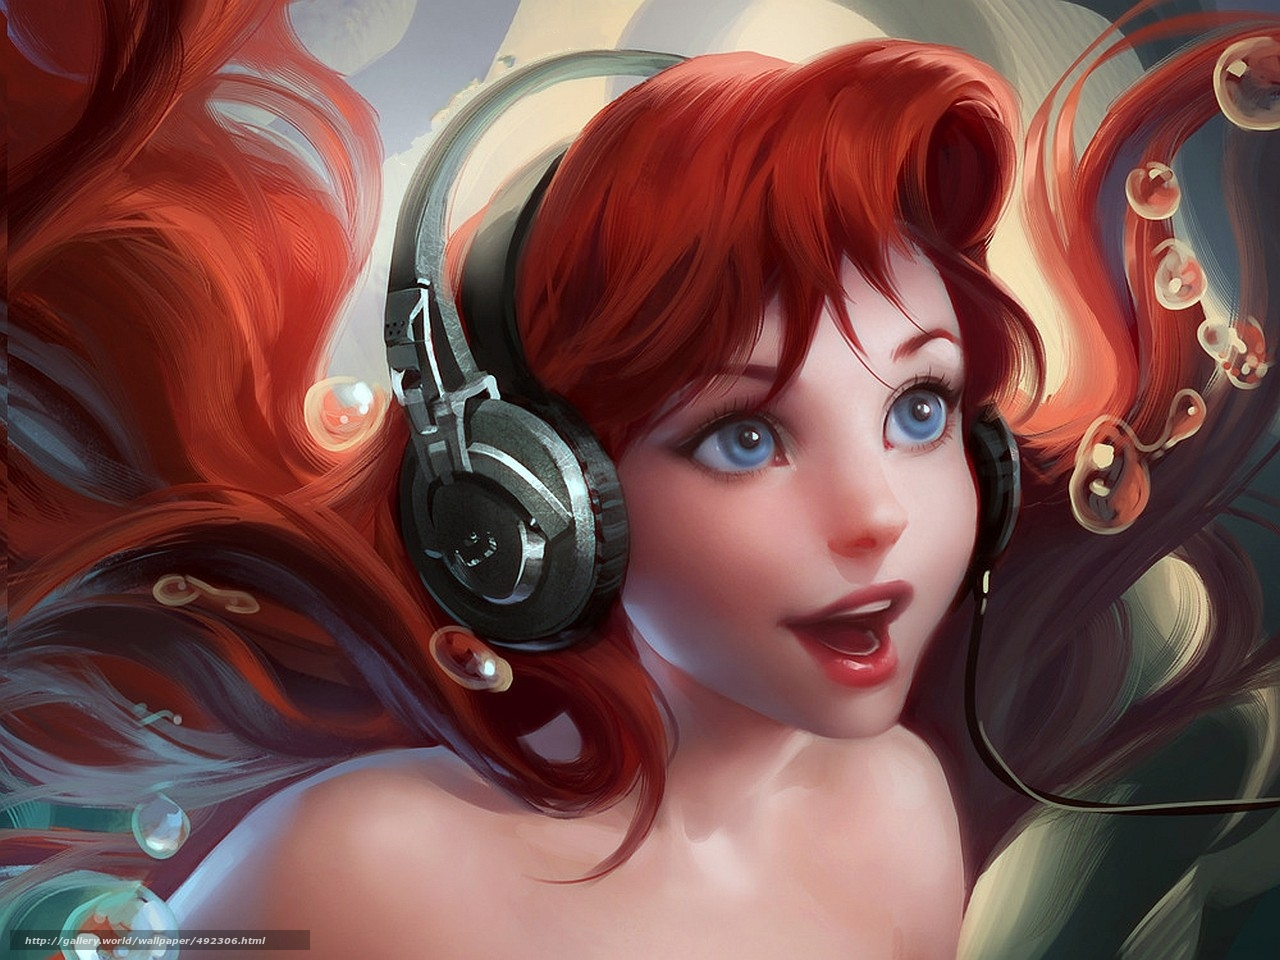 Фото девочка из мультика с красными волосами 17 фотография